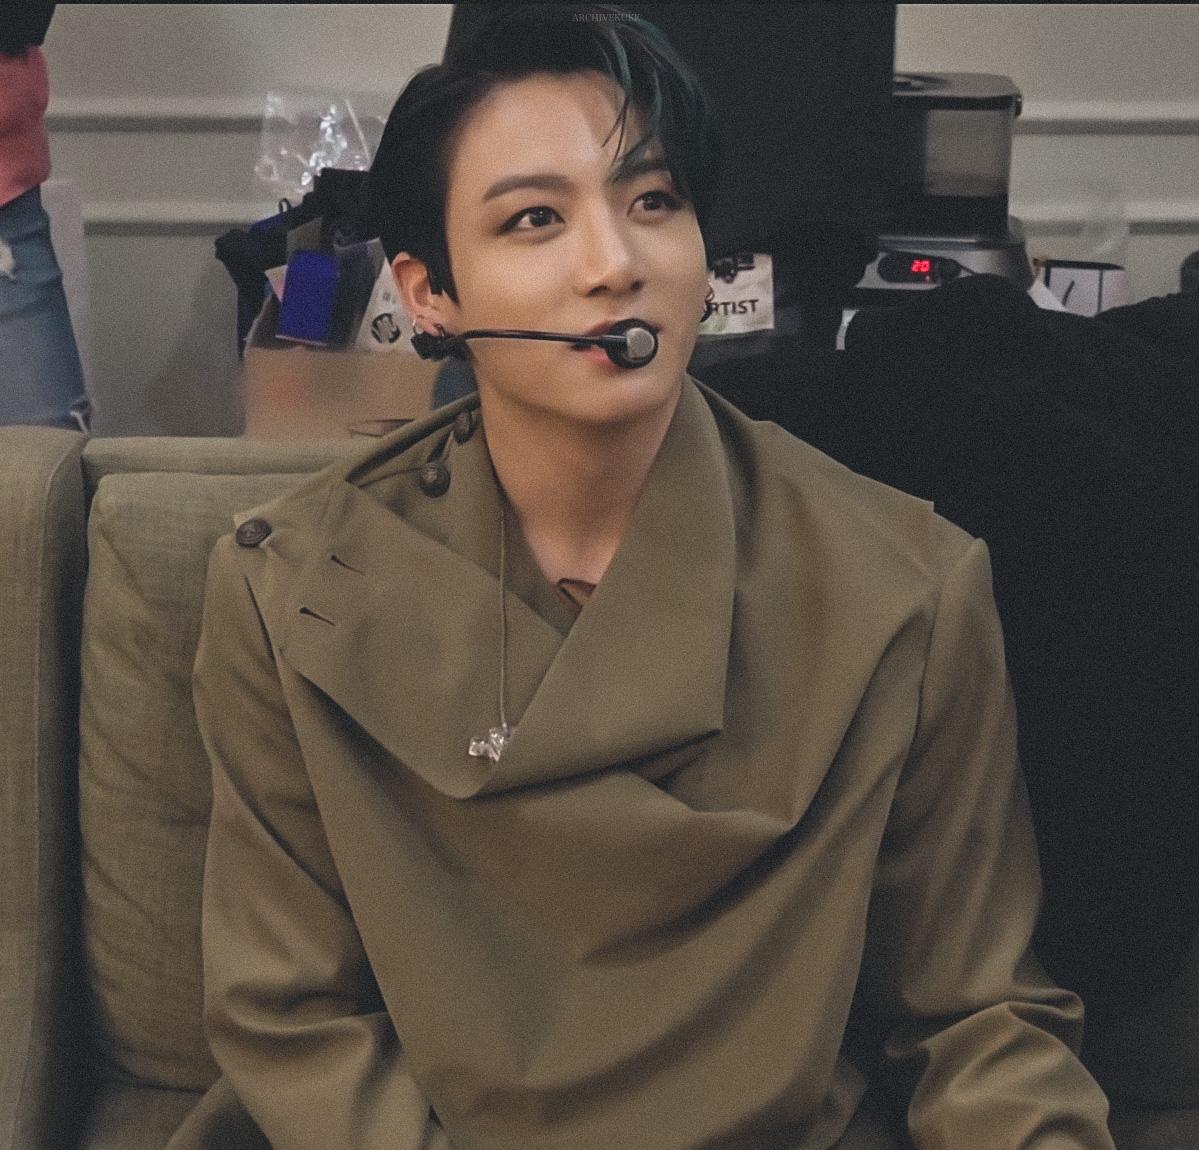 Replying to @archivekukk: jungkook ♡